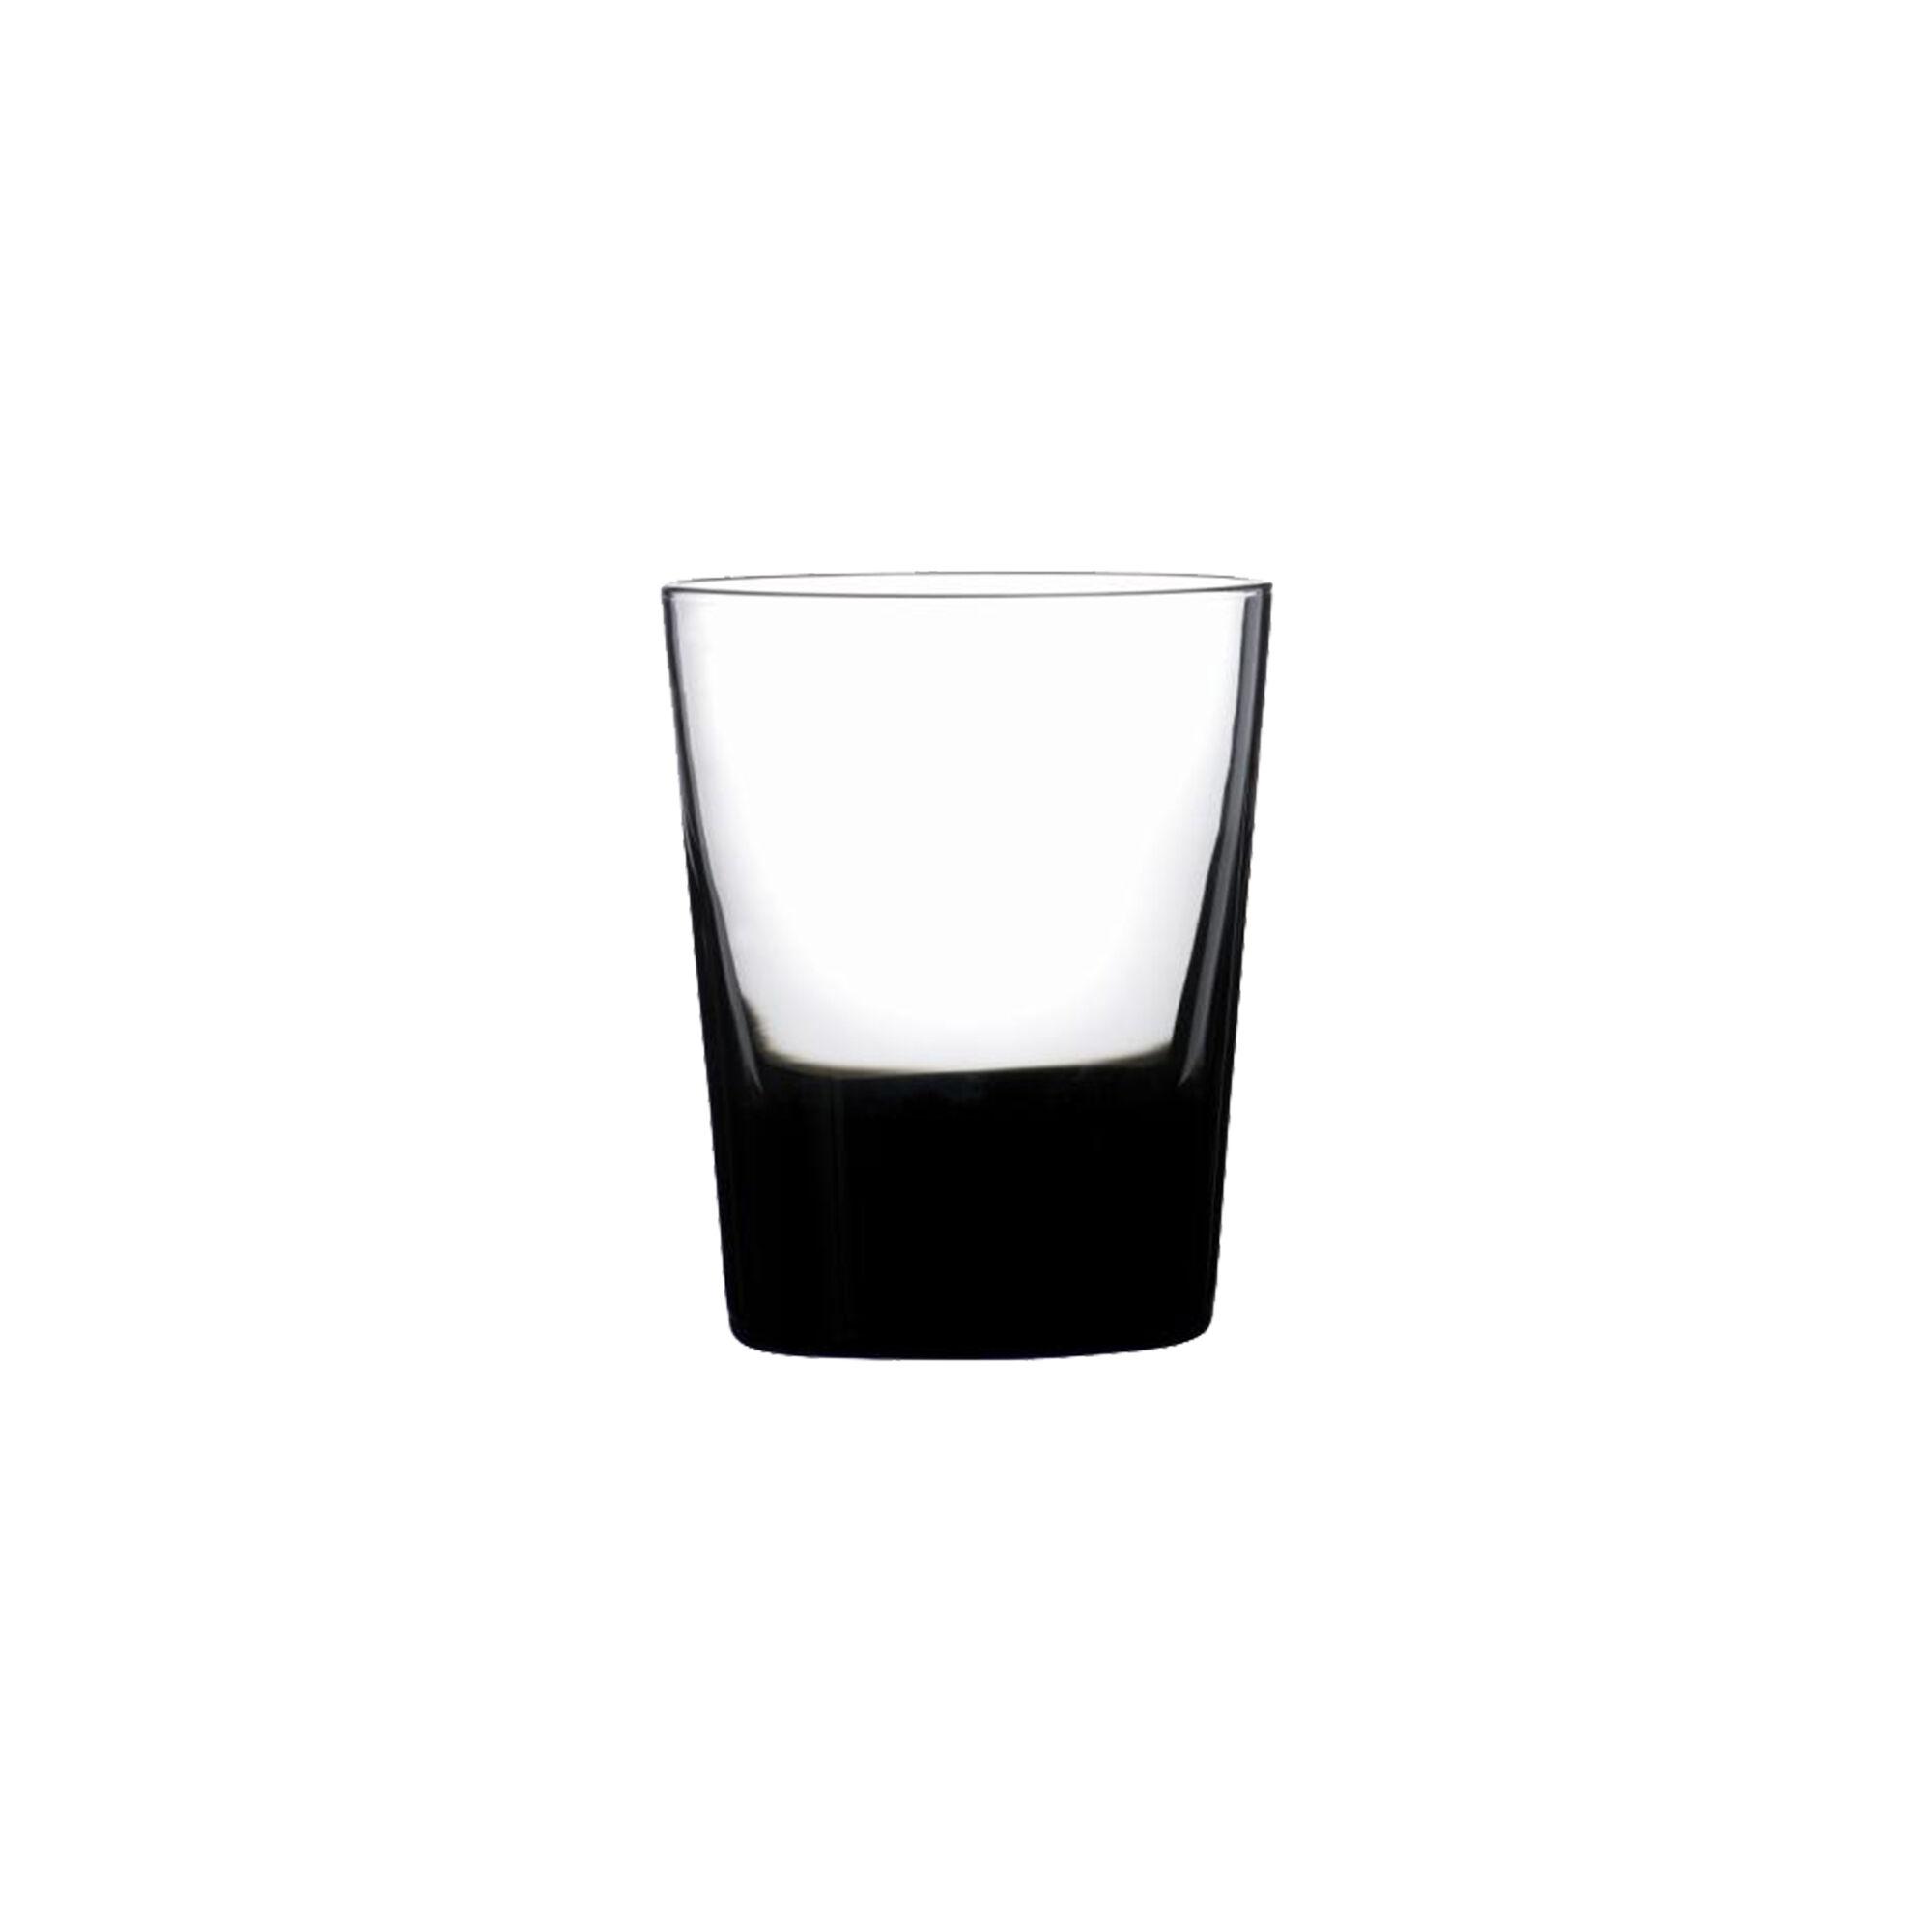 Sibo Homeconcept Gobelet en verre soufflé bouche noir 39 cl - Lot de 6